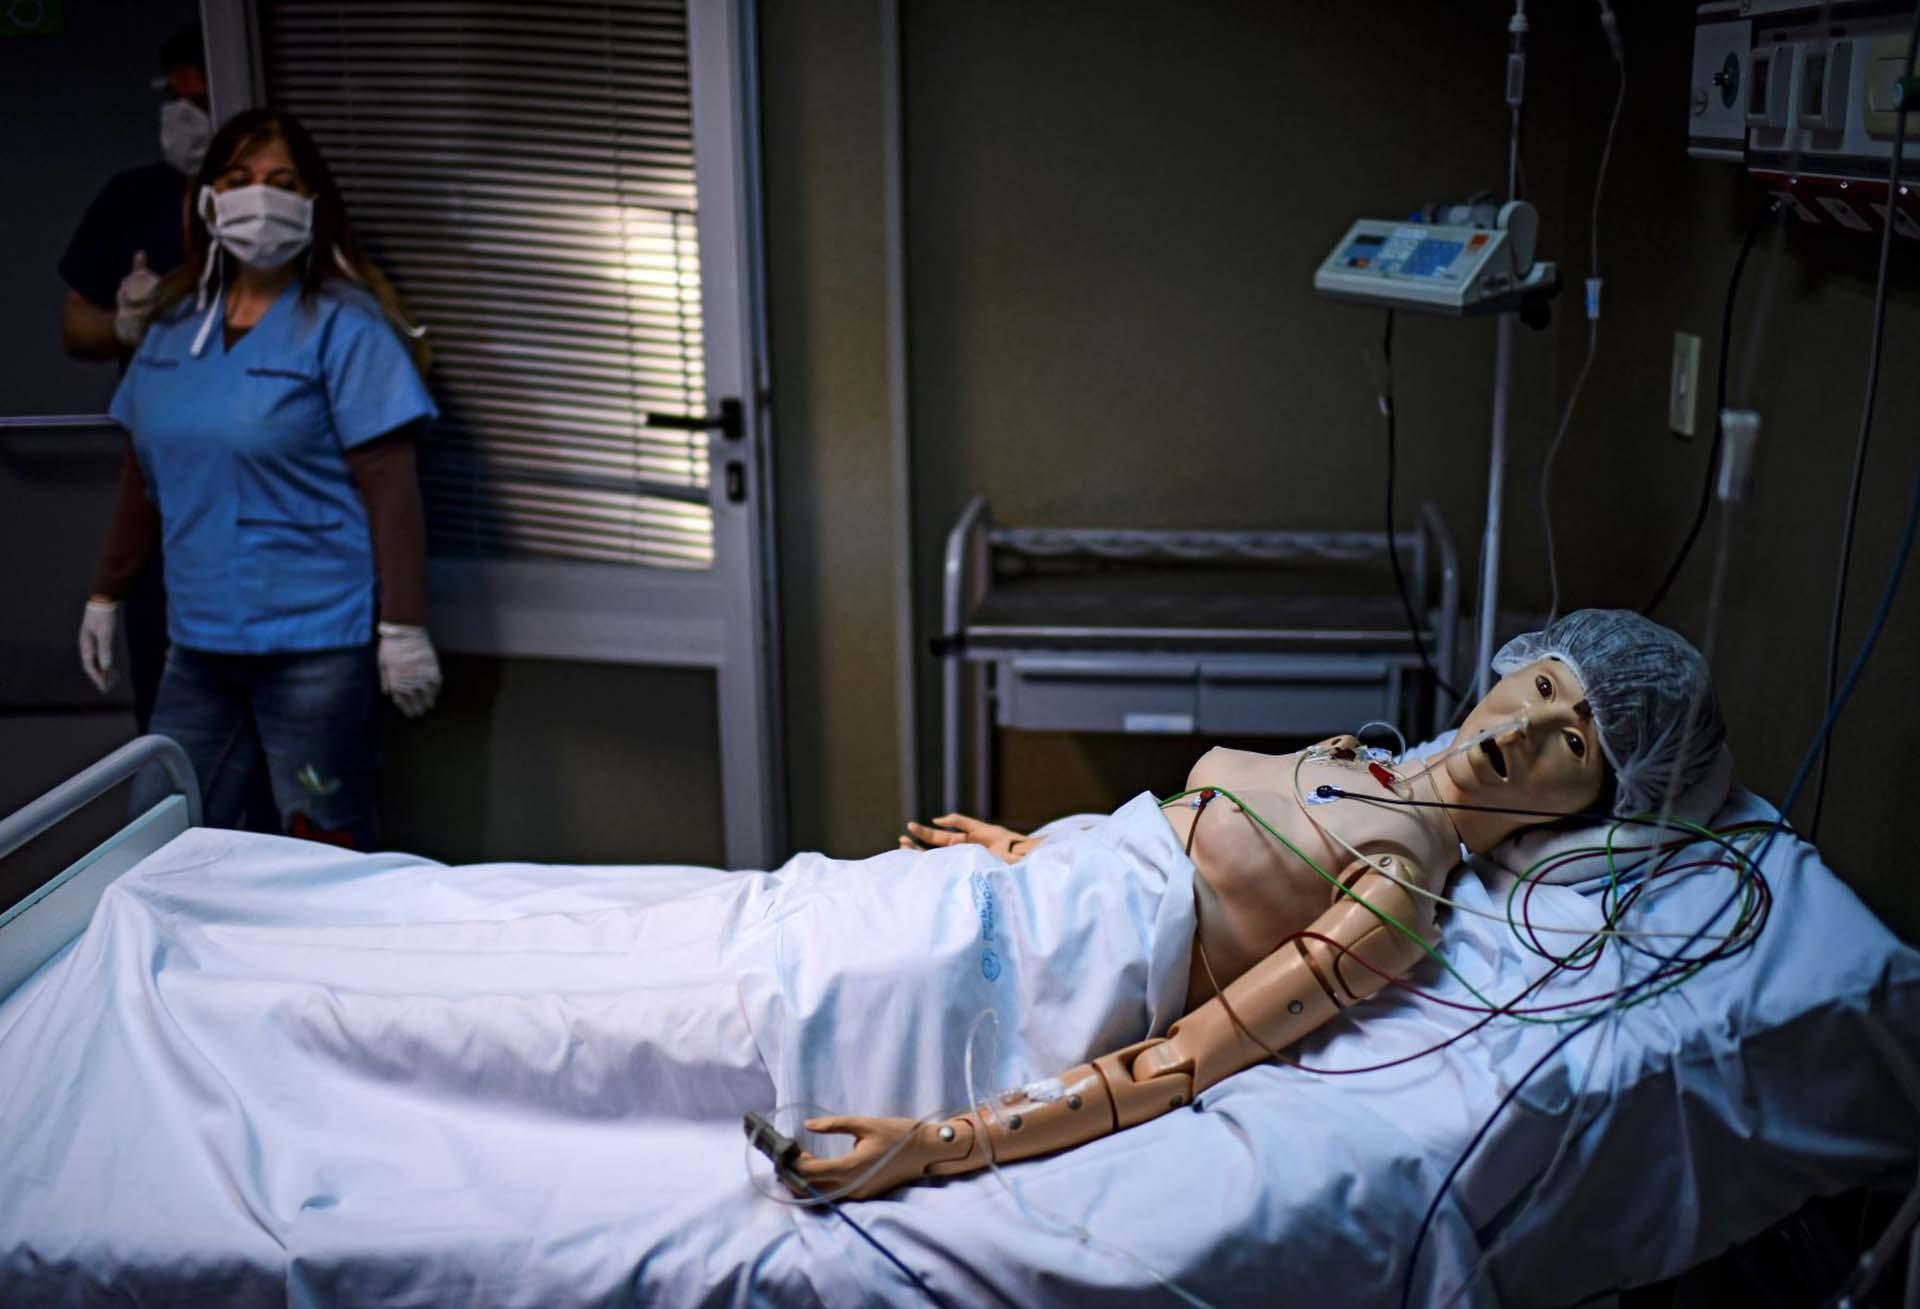 La doctora Norma Raúl observa un robot con el que practica la asistencia médica a pacientes con COVID-19, en el Centro de Capacitación en Simulación Clínica del hospital El Cruce, en Florencio Varela, provincia de Buenos Aires